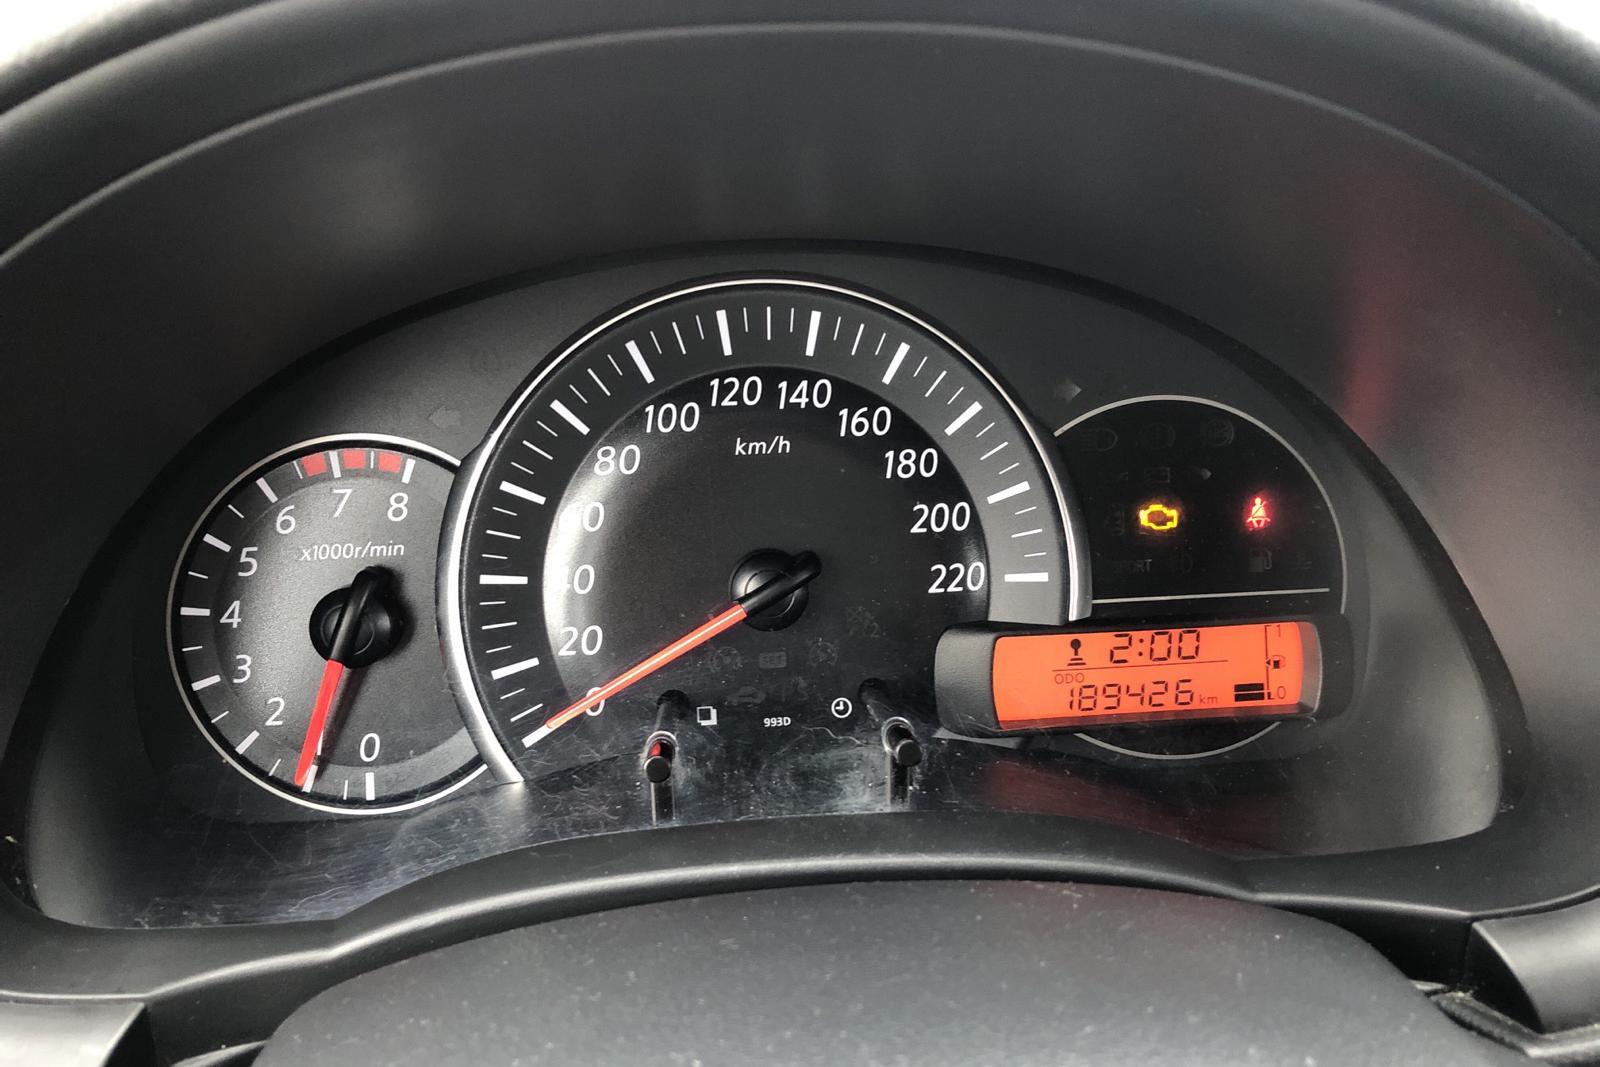 Nissan Micra 1.2 5dr (80hk) - 189 420 km - Manual - silver - 2015